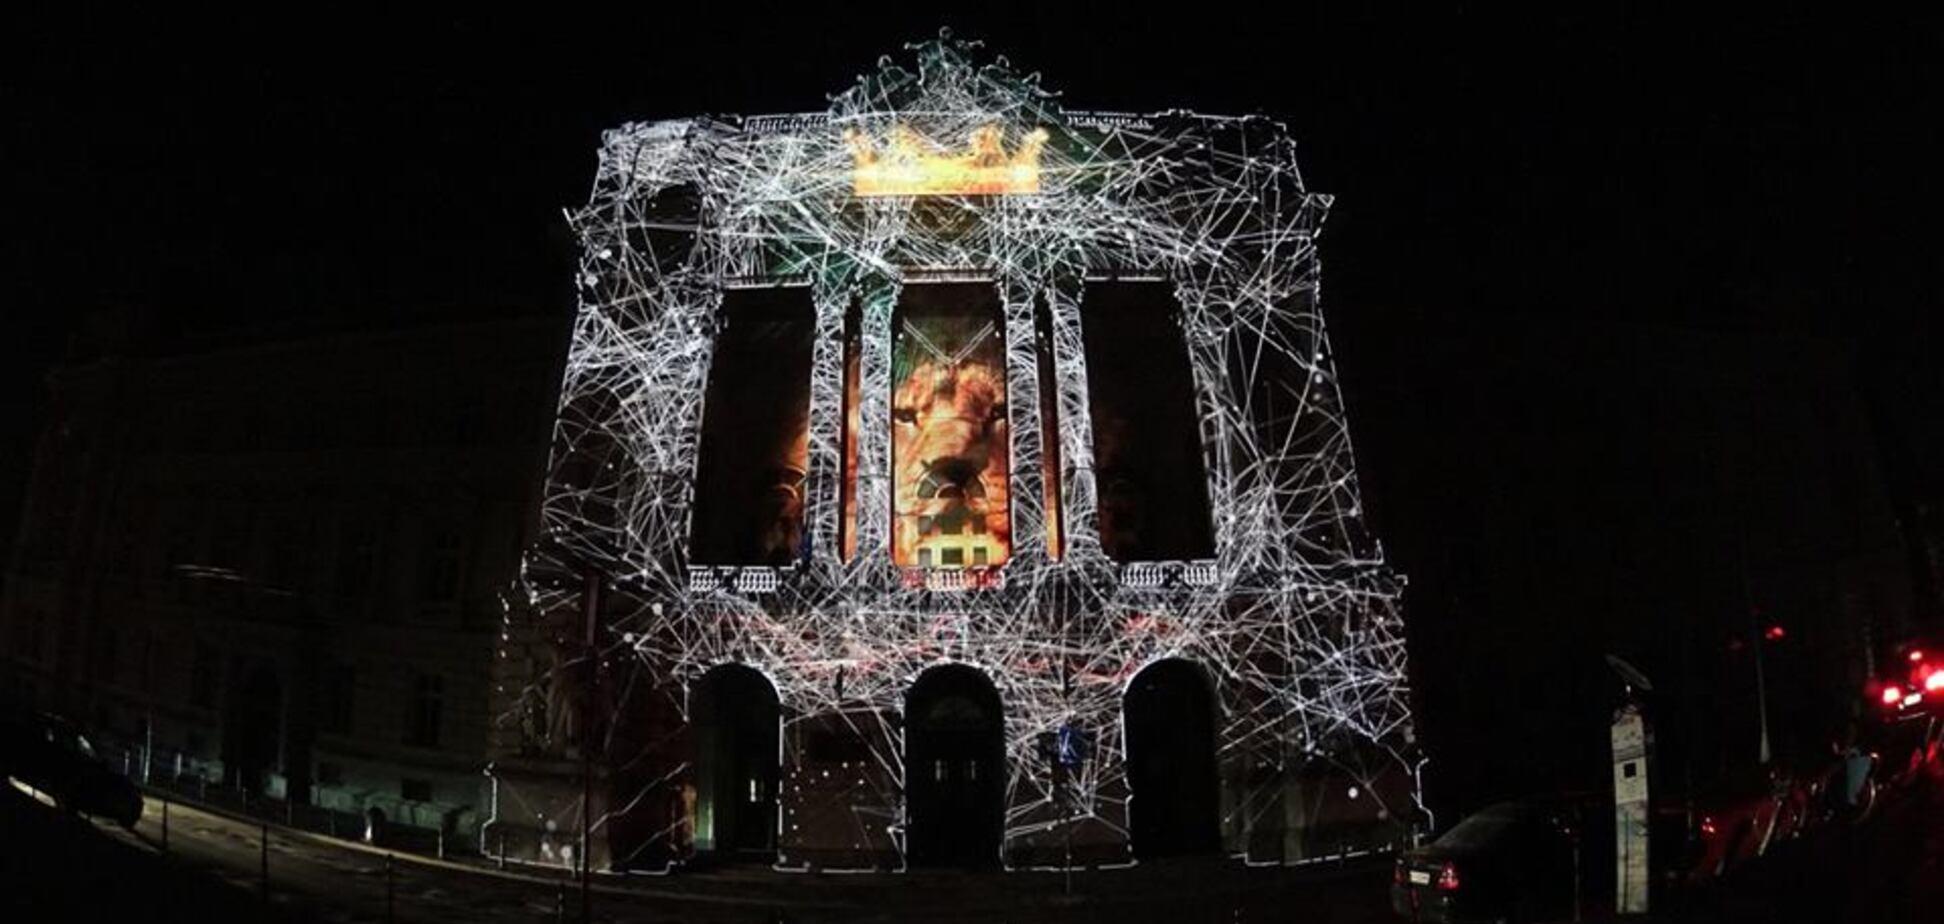 Световое шоу во Львове: в сеть попали зрелищные фото с репетиции